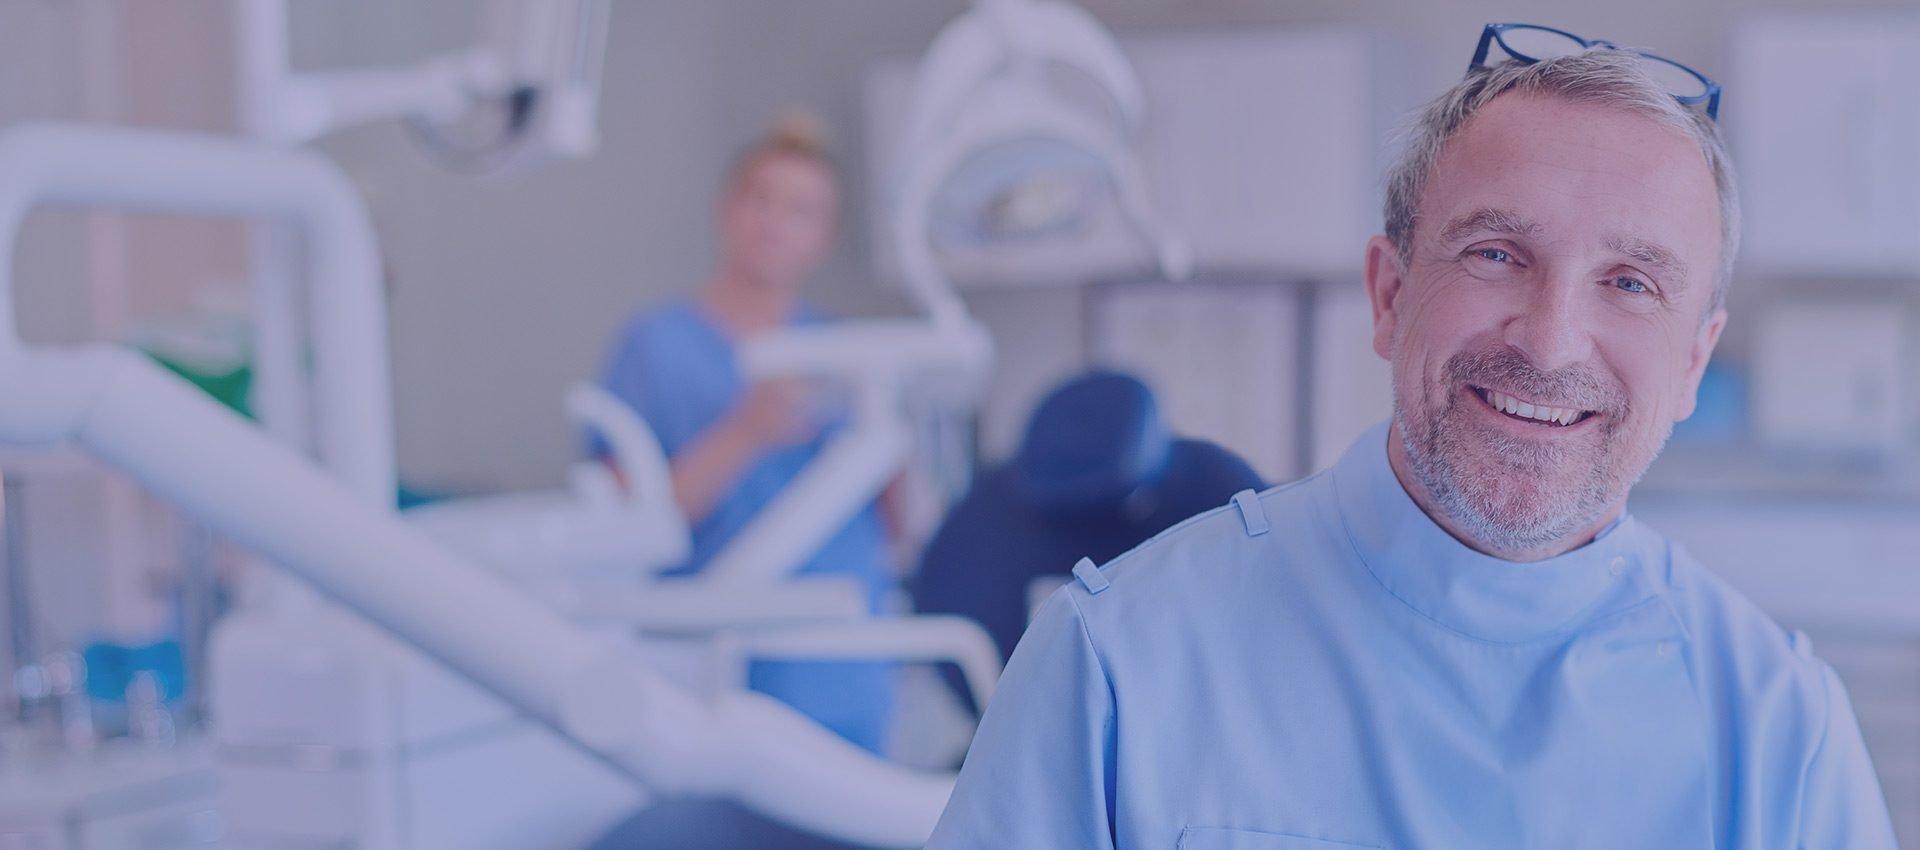 Dentist insurance dental practice insurance